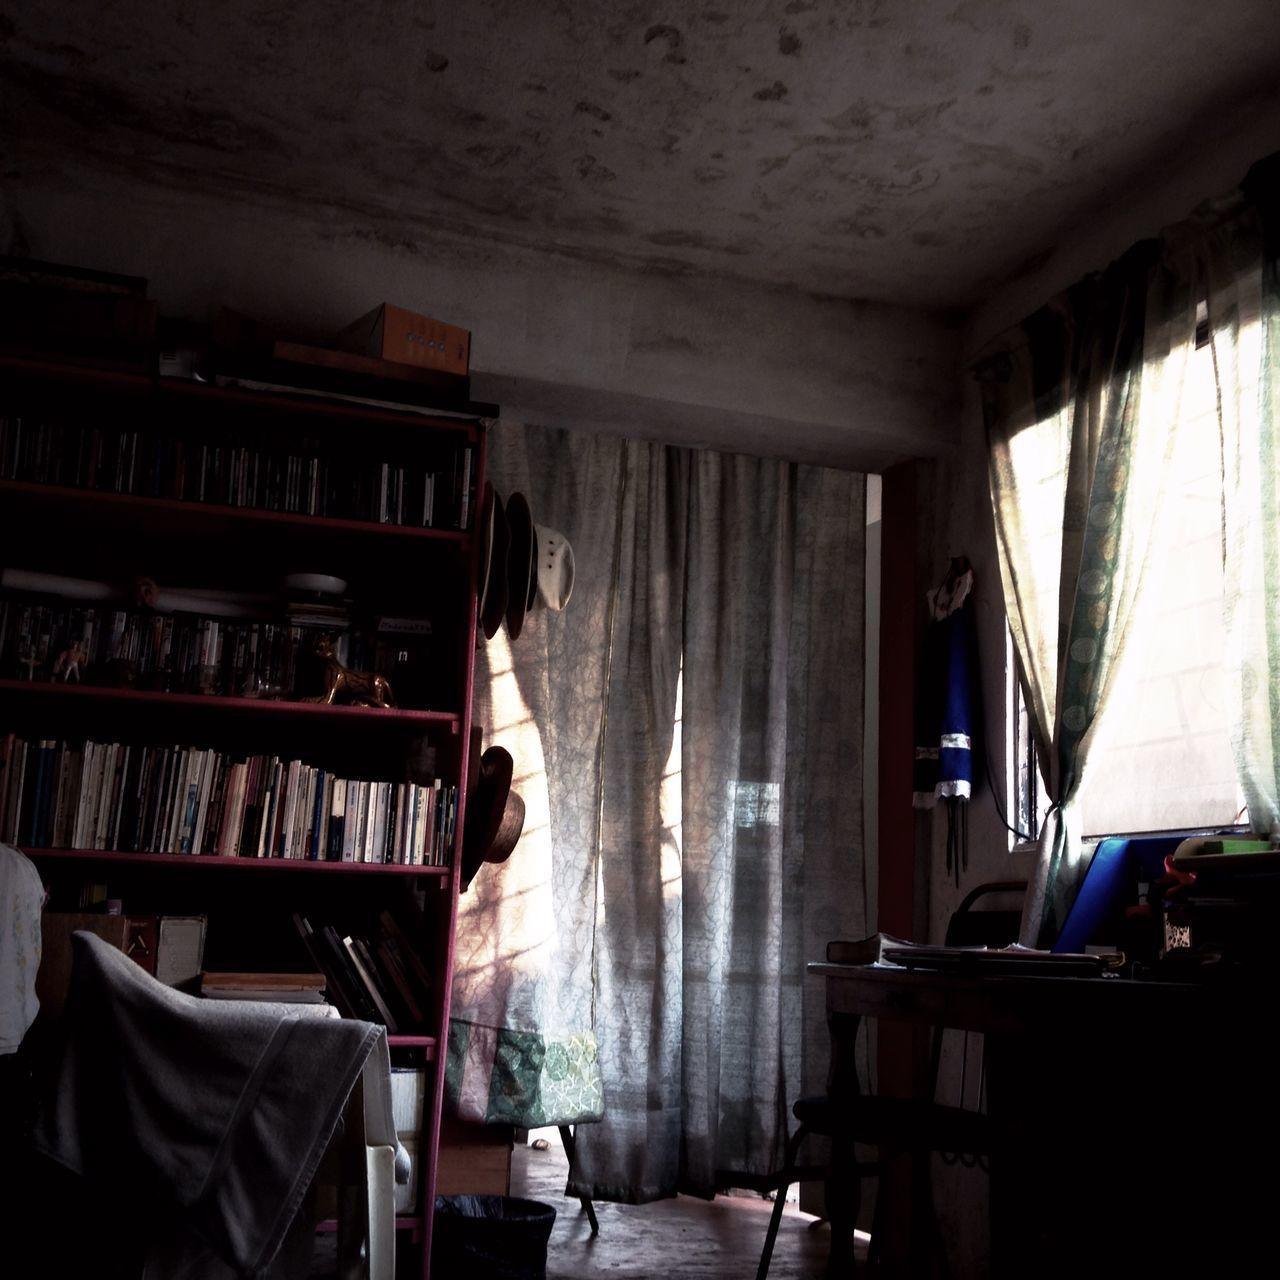 Y así amanece en este hotel de paso que es la vida... Streetphotography IPhoneography Urban@ndante